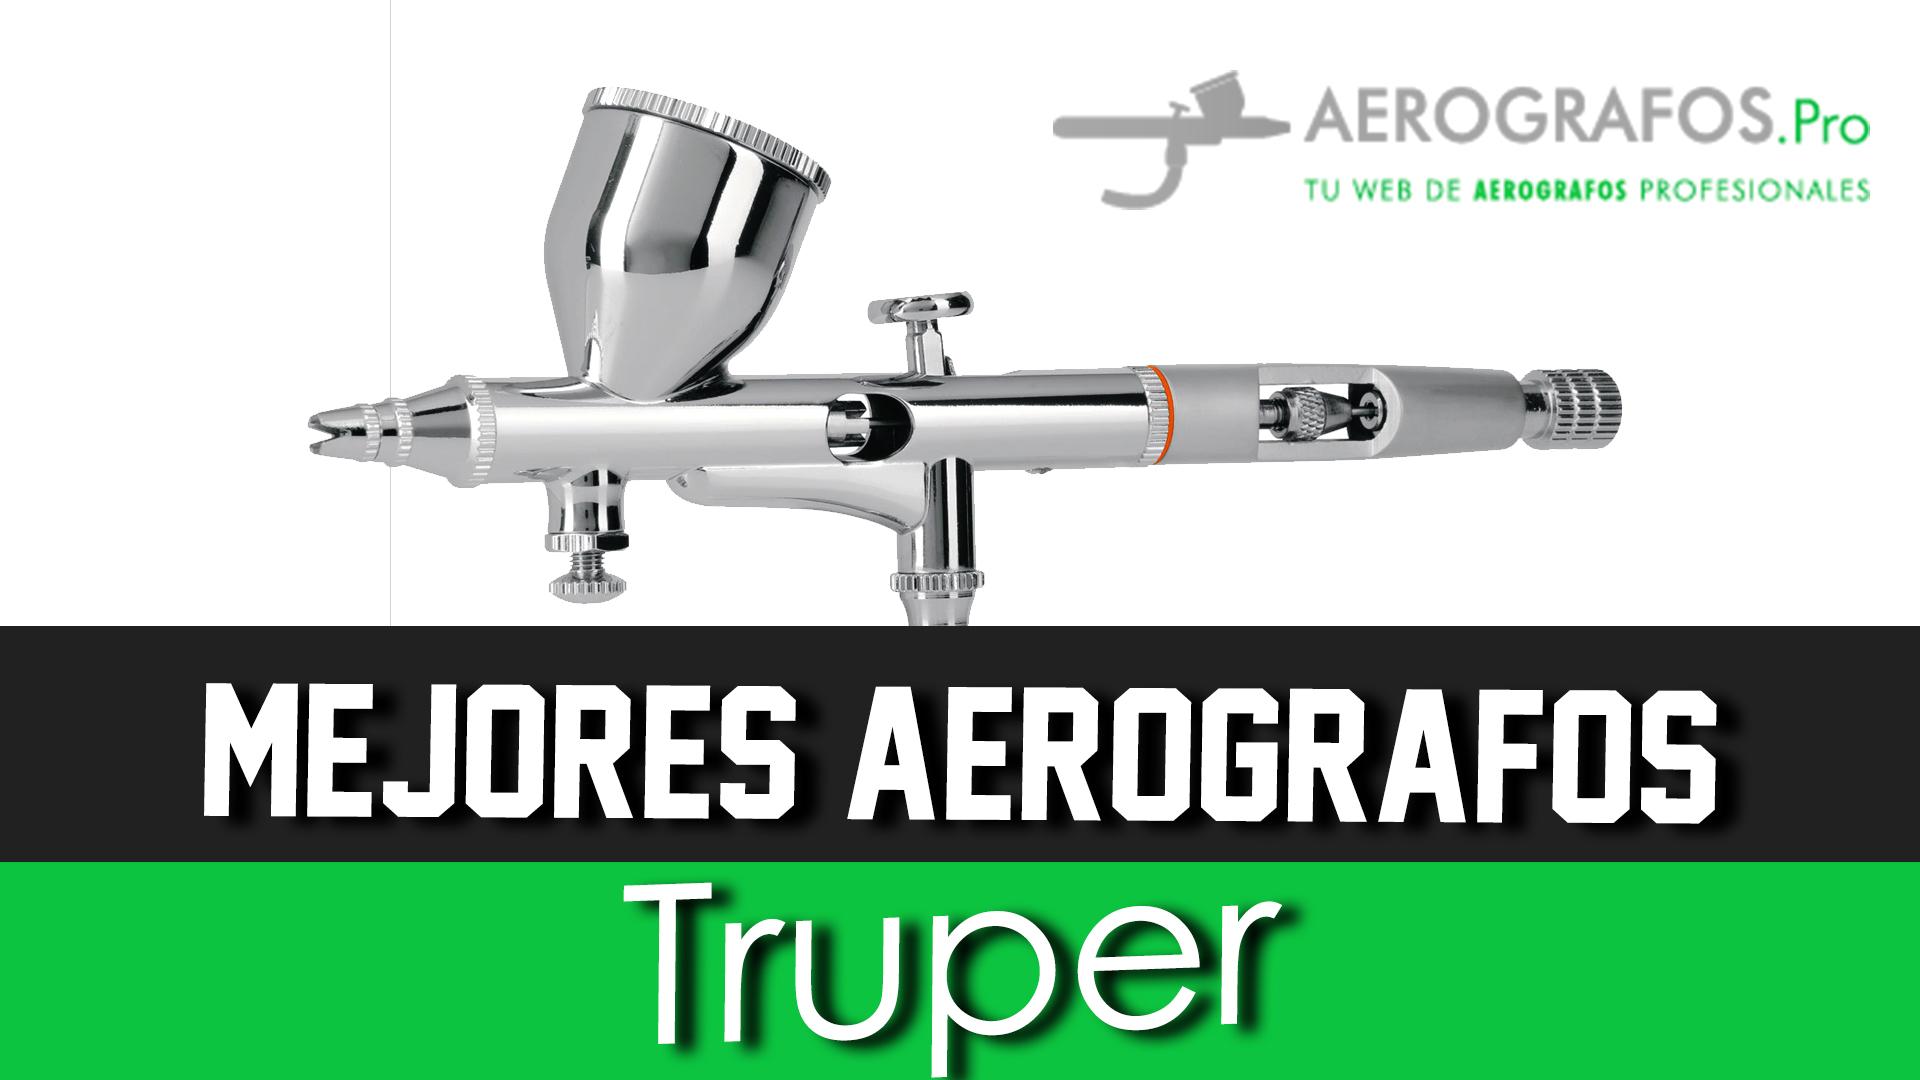 Aerografo Truper